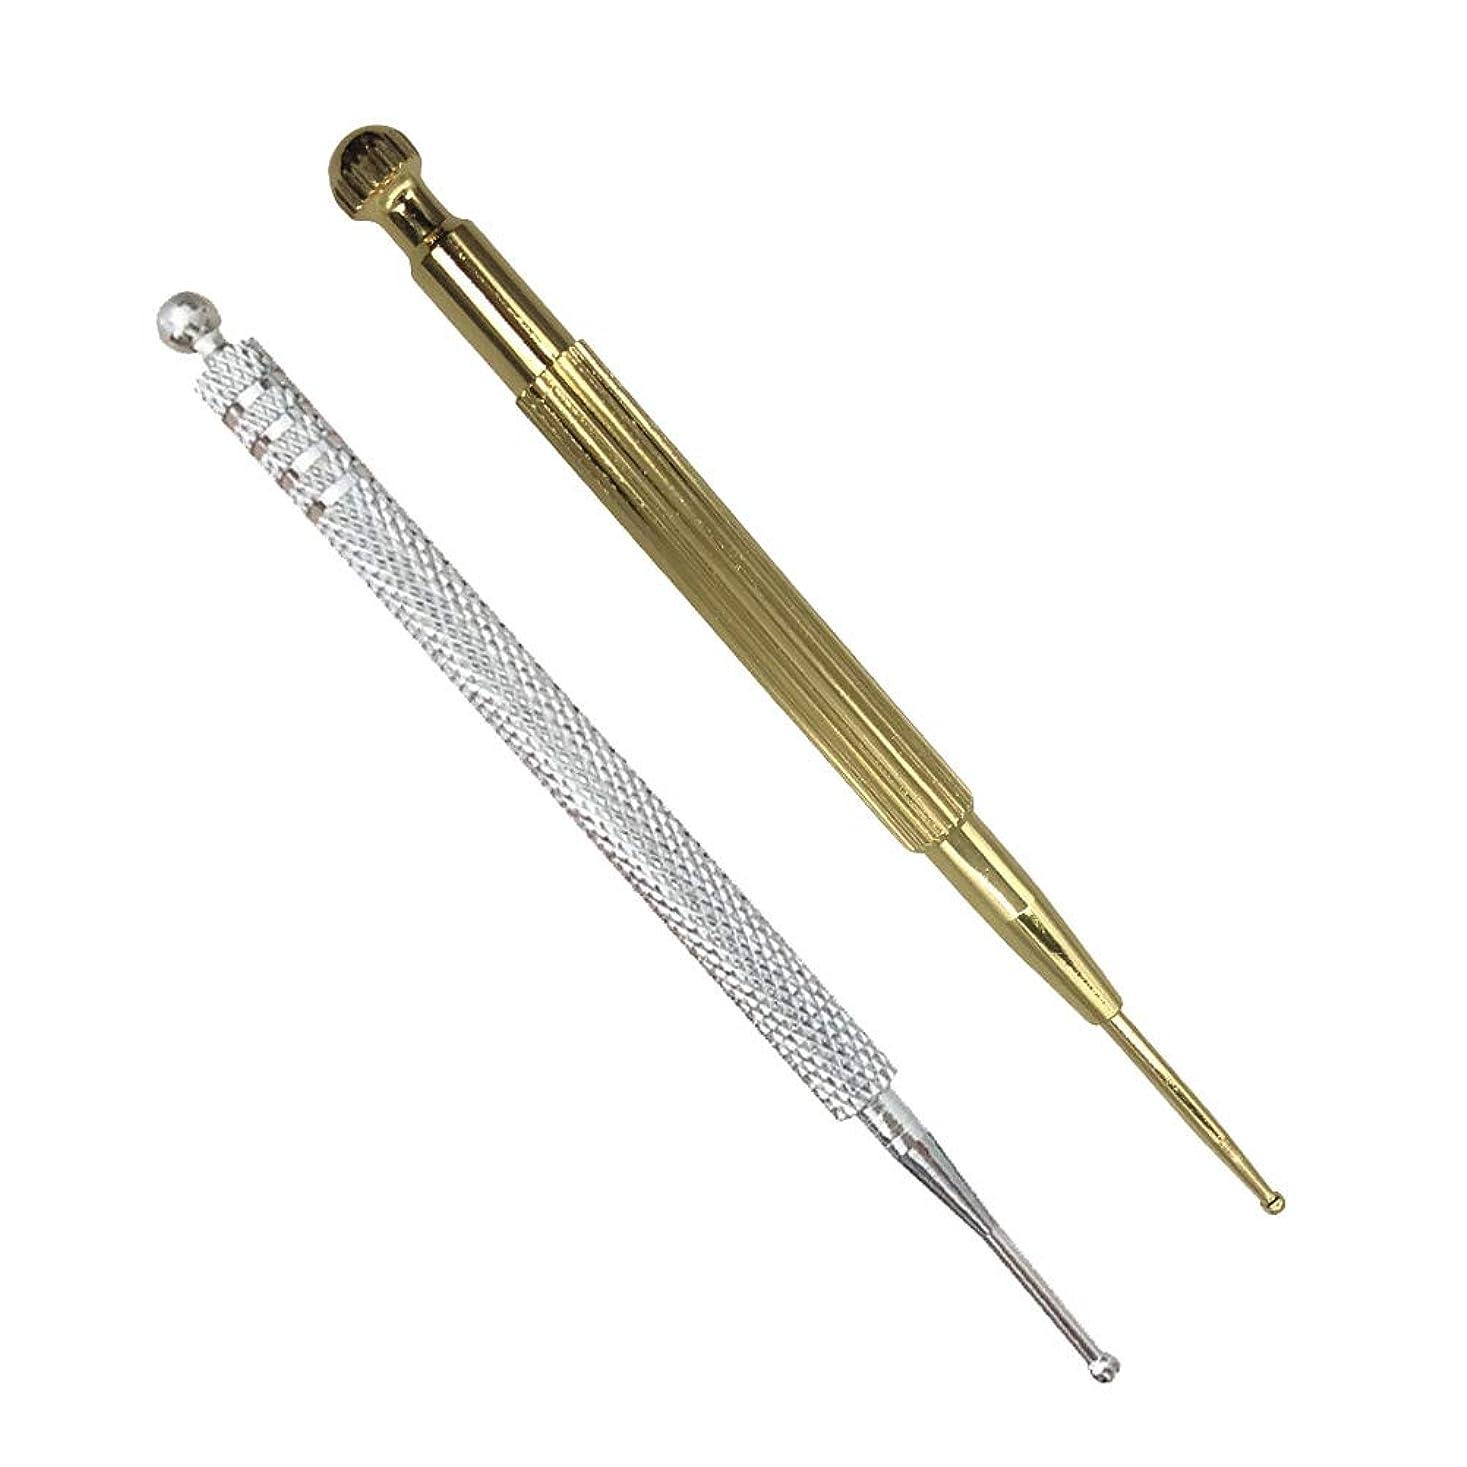 商標なので愛するSUPVOX SUPVOX鍼治療のポイントプローブ付きスプリングイヤーボディスティミュレーター指圧ペン2本